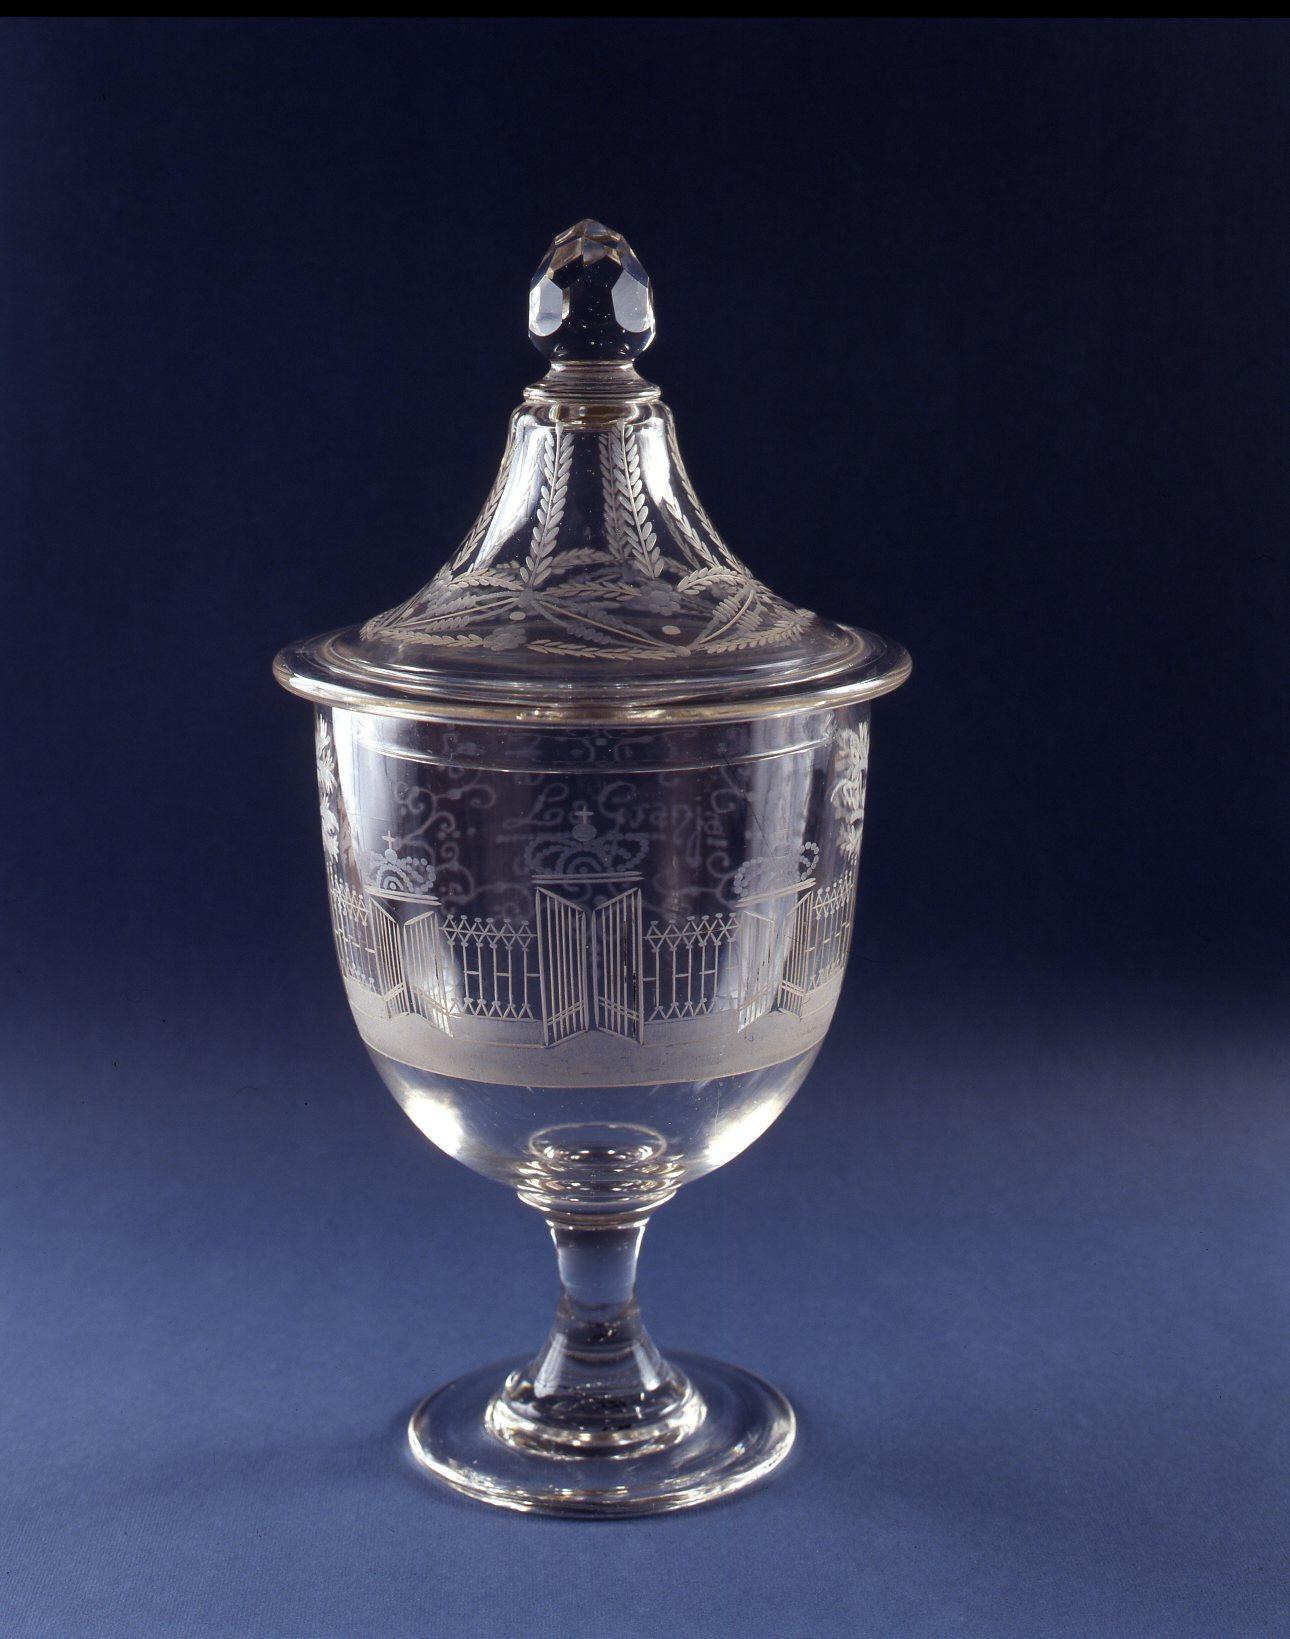 Museo de historia de madrid colecciones ayuntamiento - Fabricas de cristal en espana ...